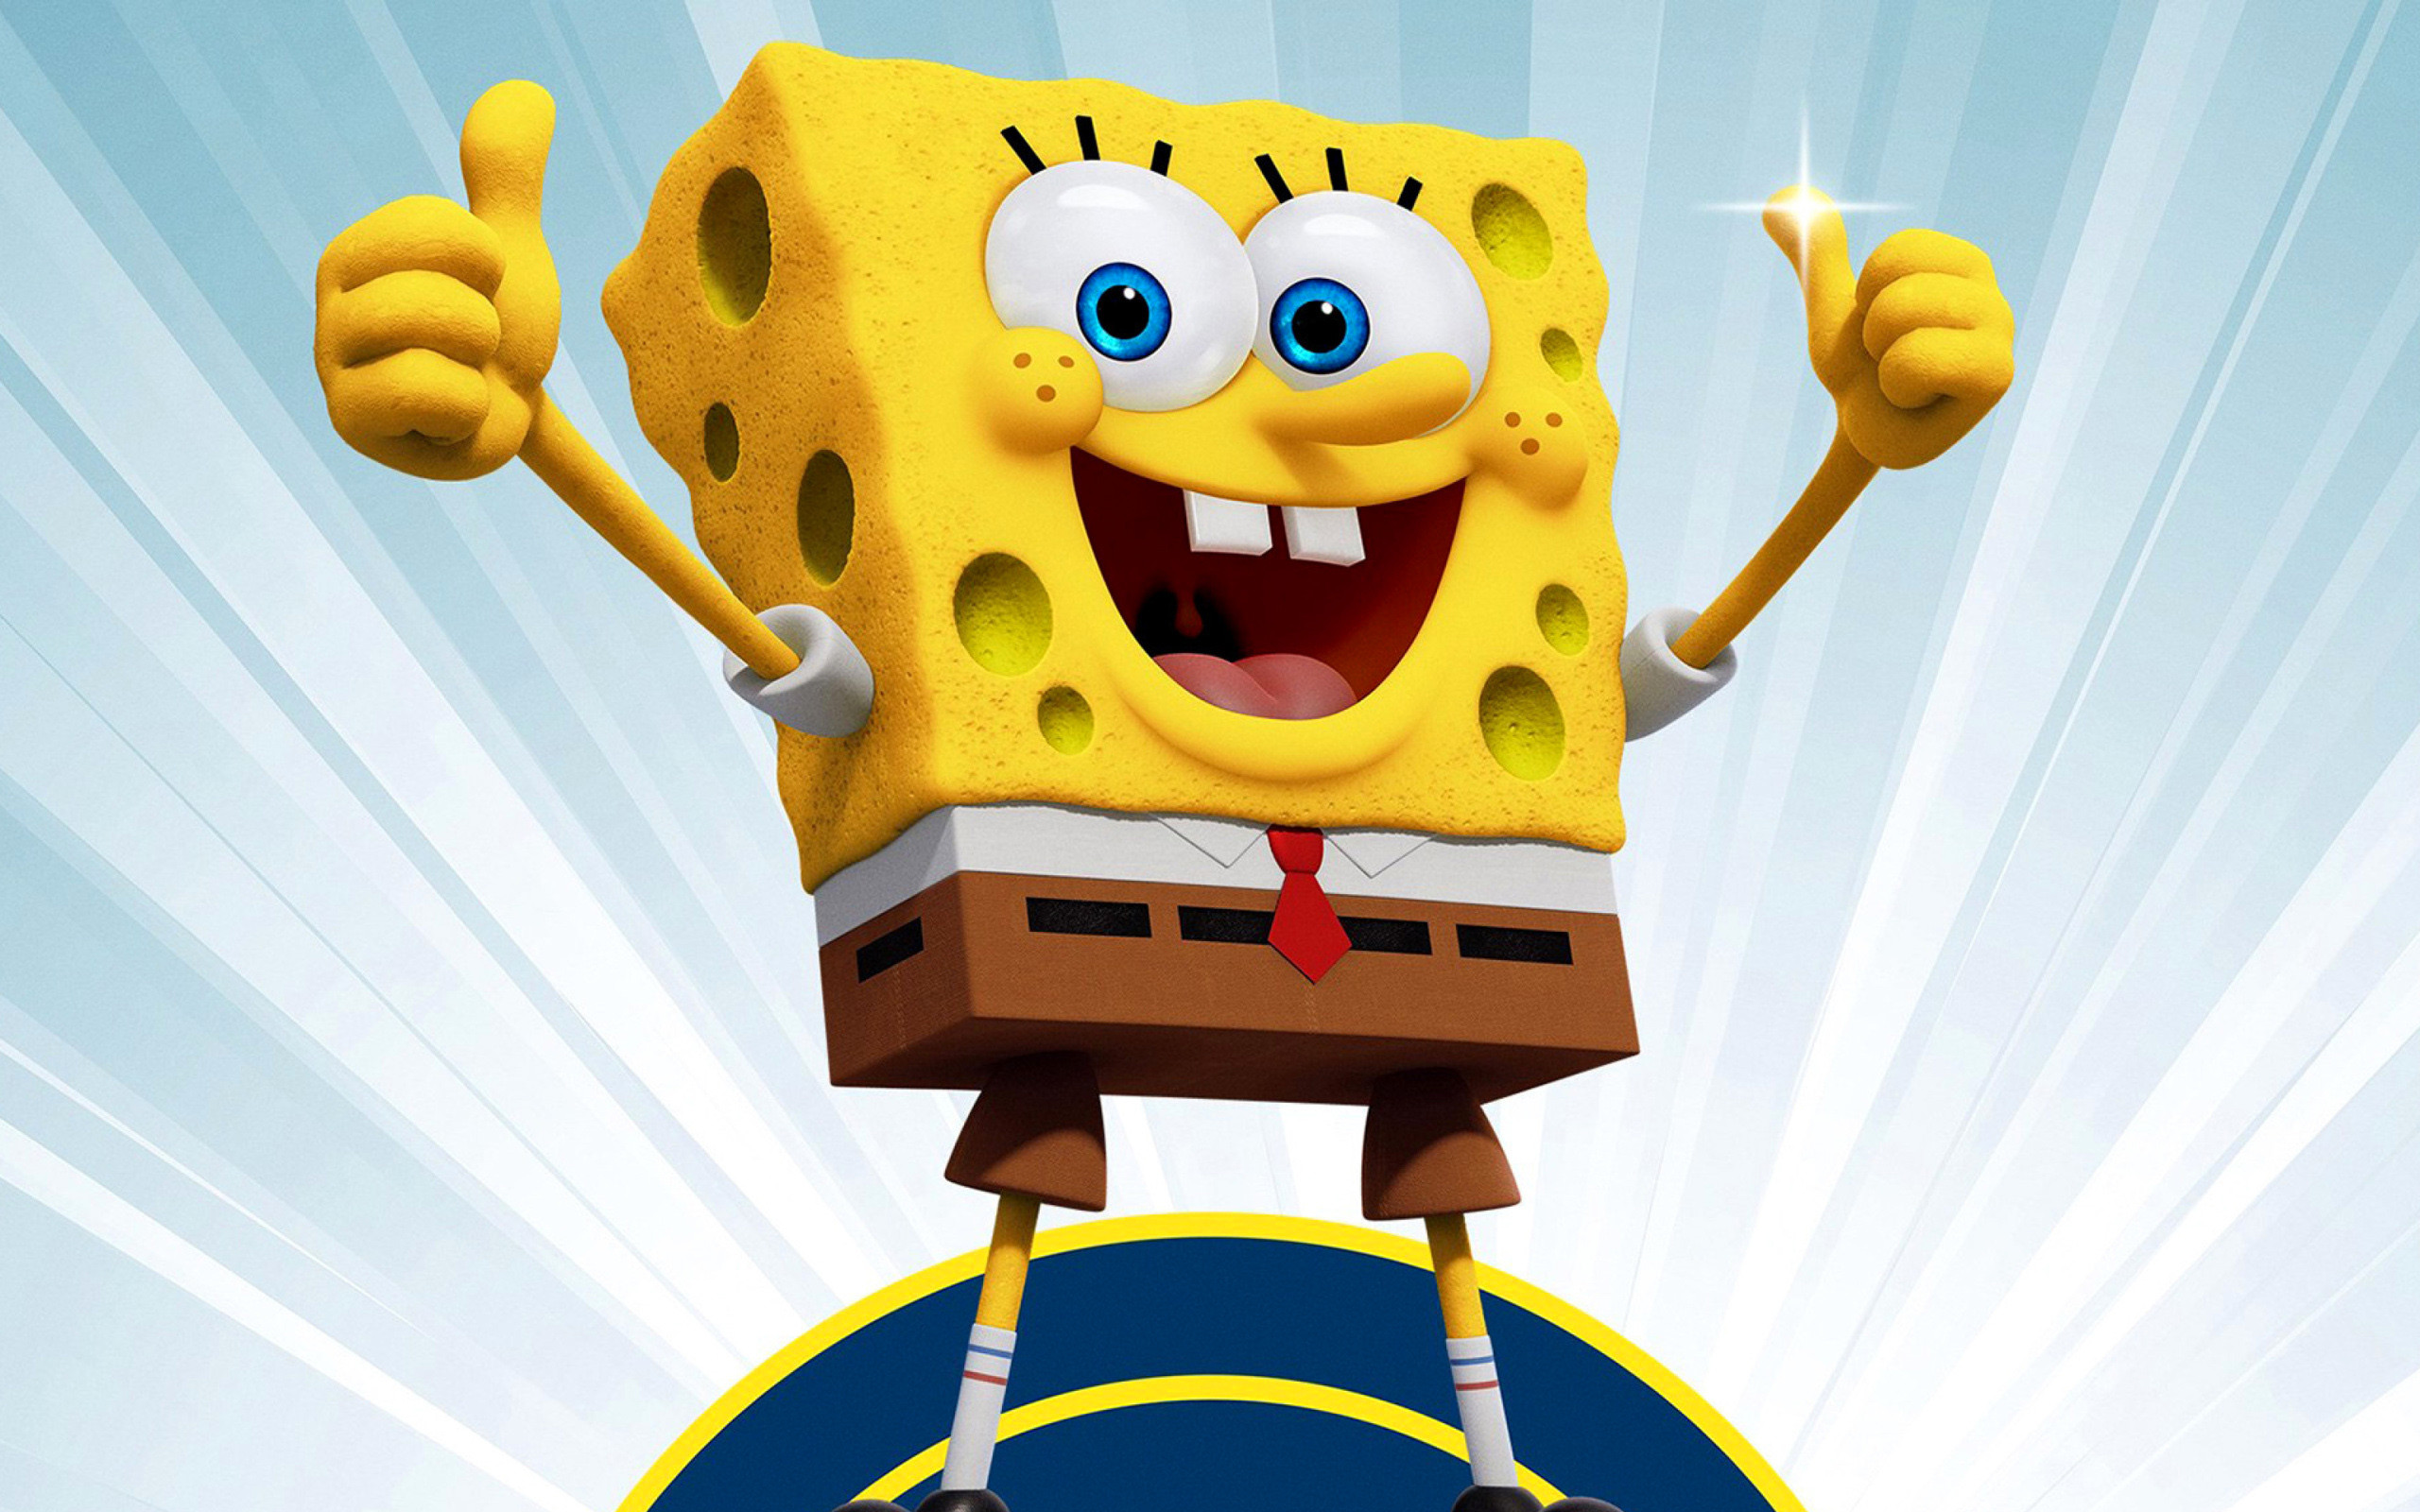 Res: 2560x1600, SpongeBob, thumb up, funny characters, SpongeBob SquarePants